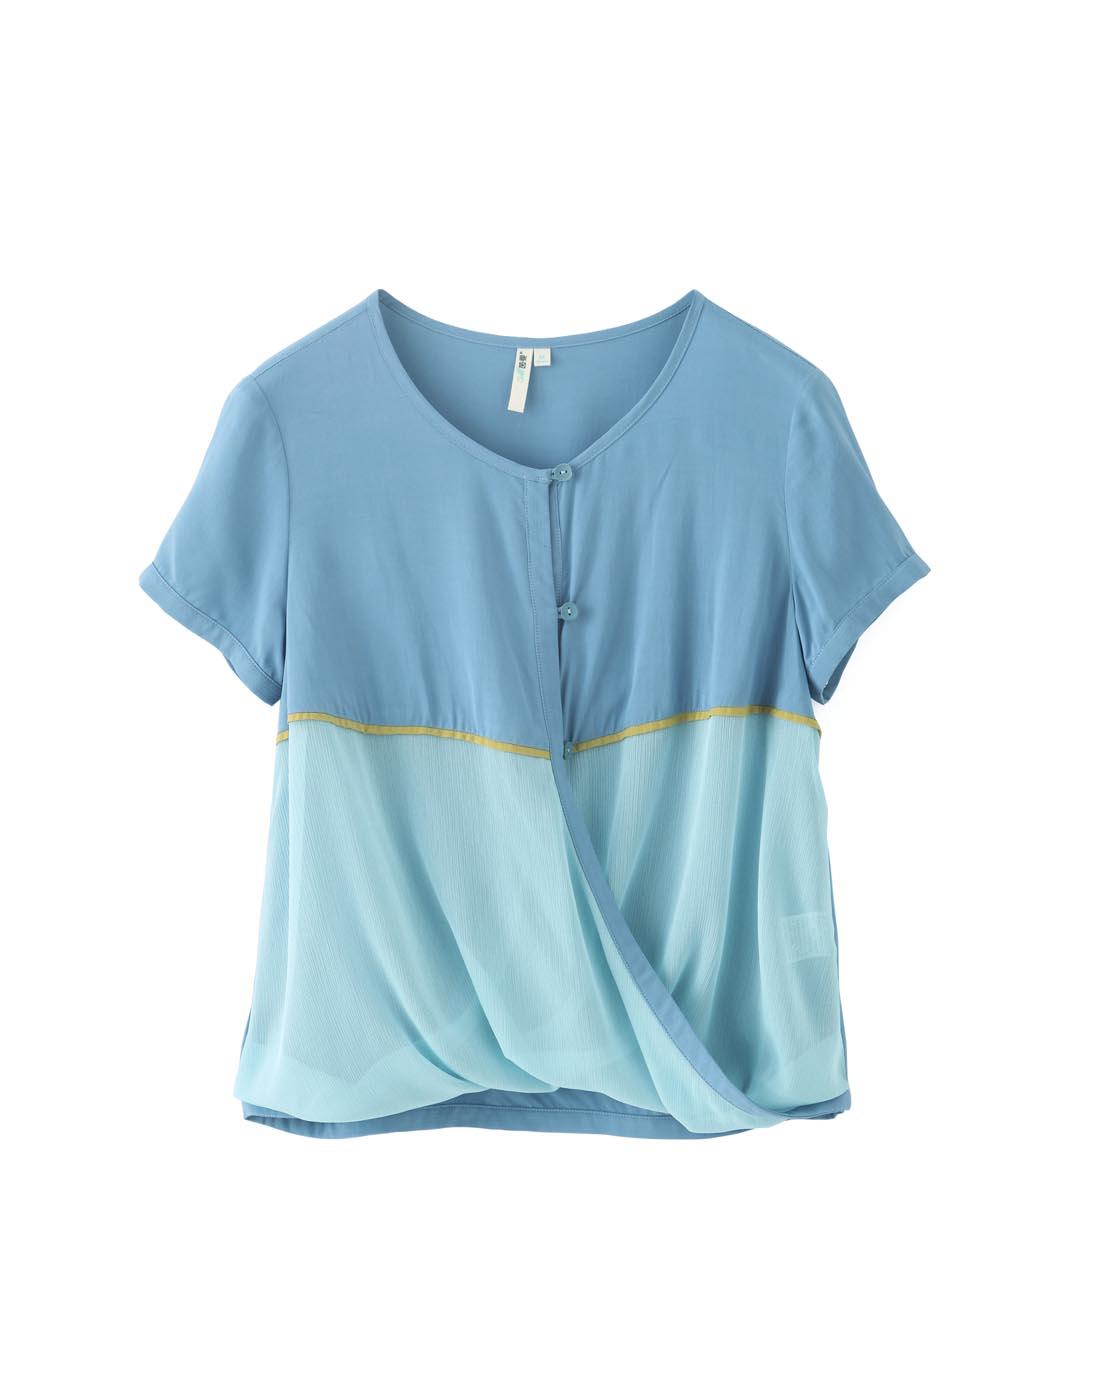 浅蓝色短袖衬衣